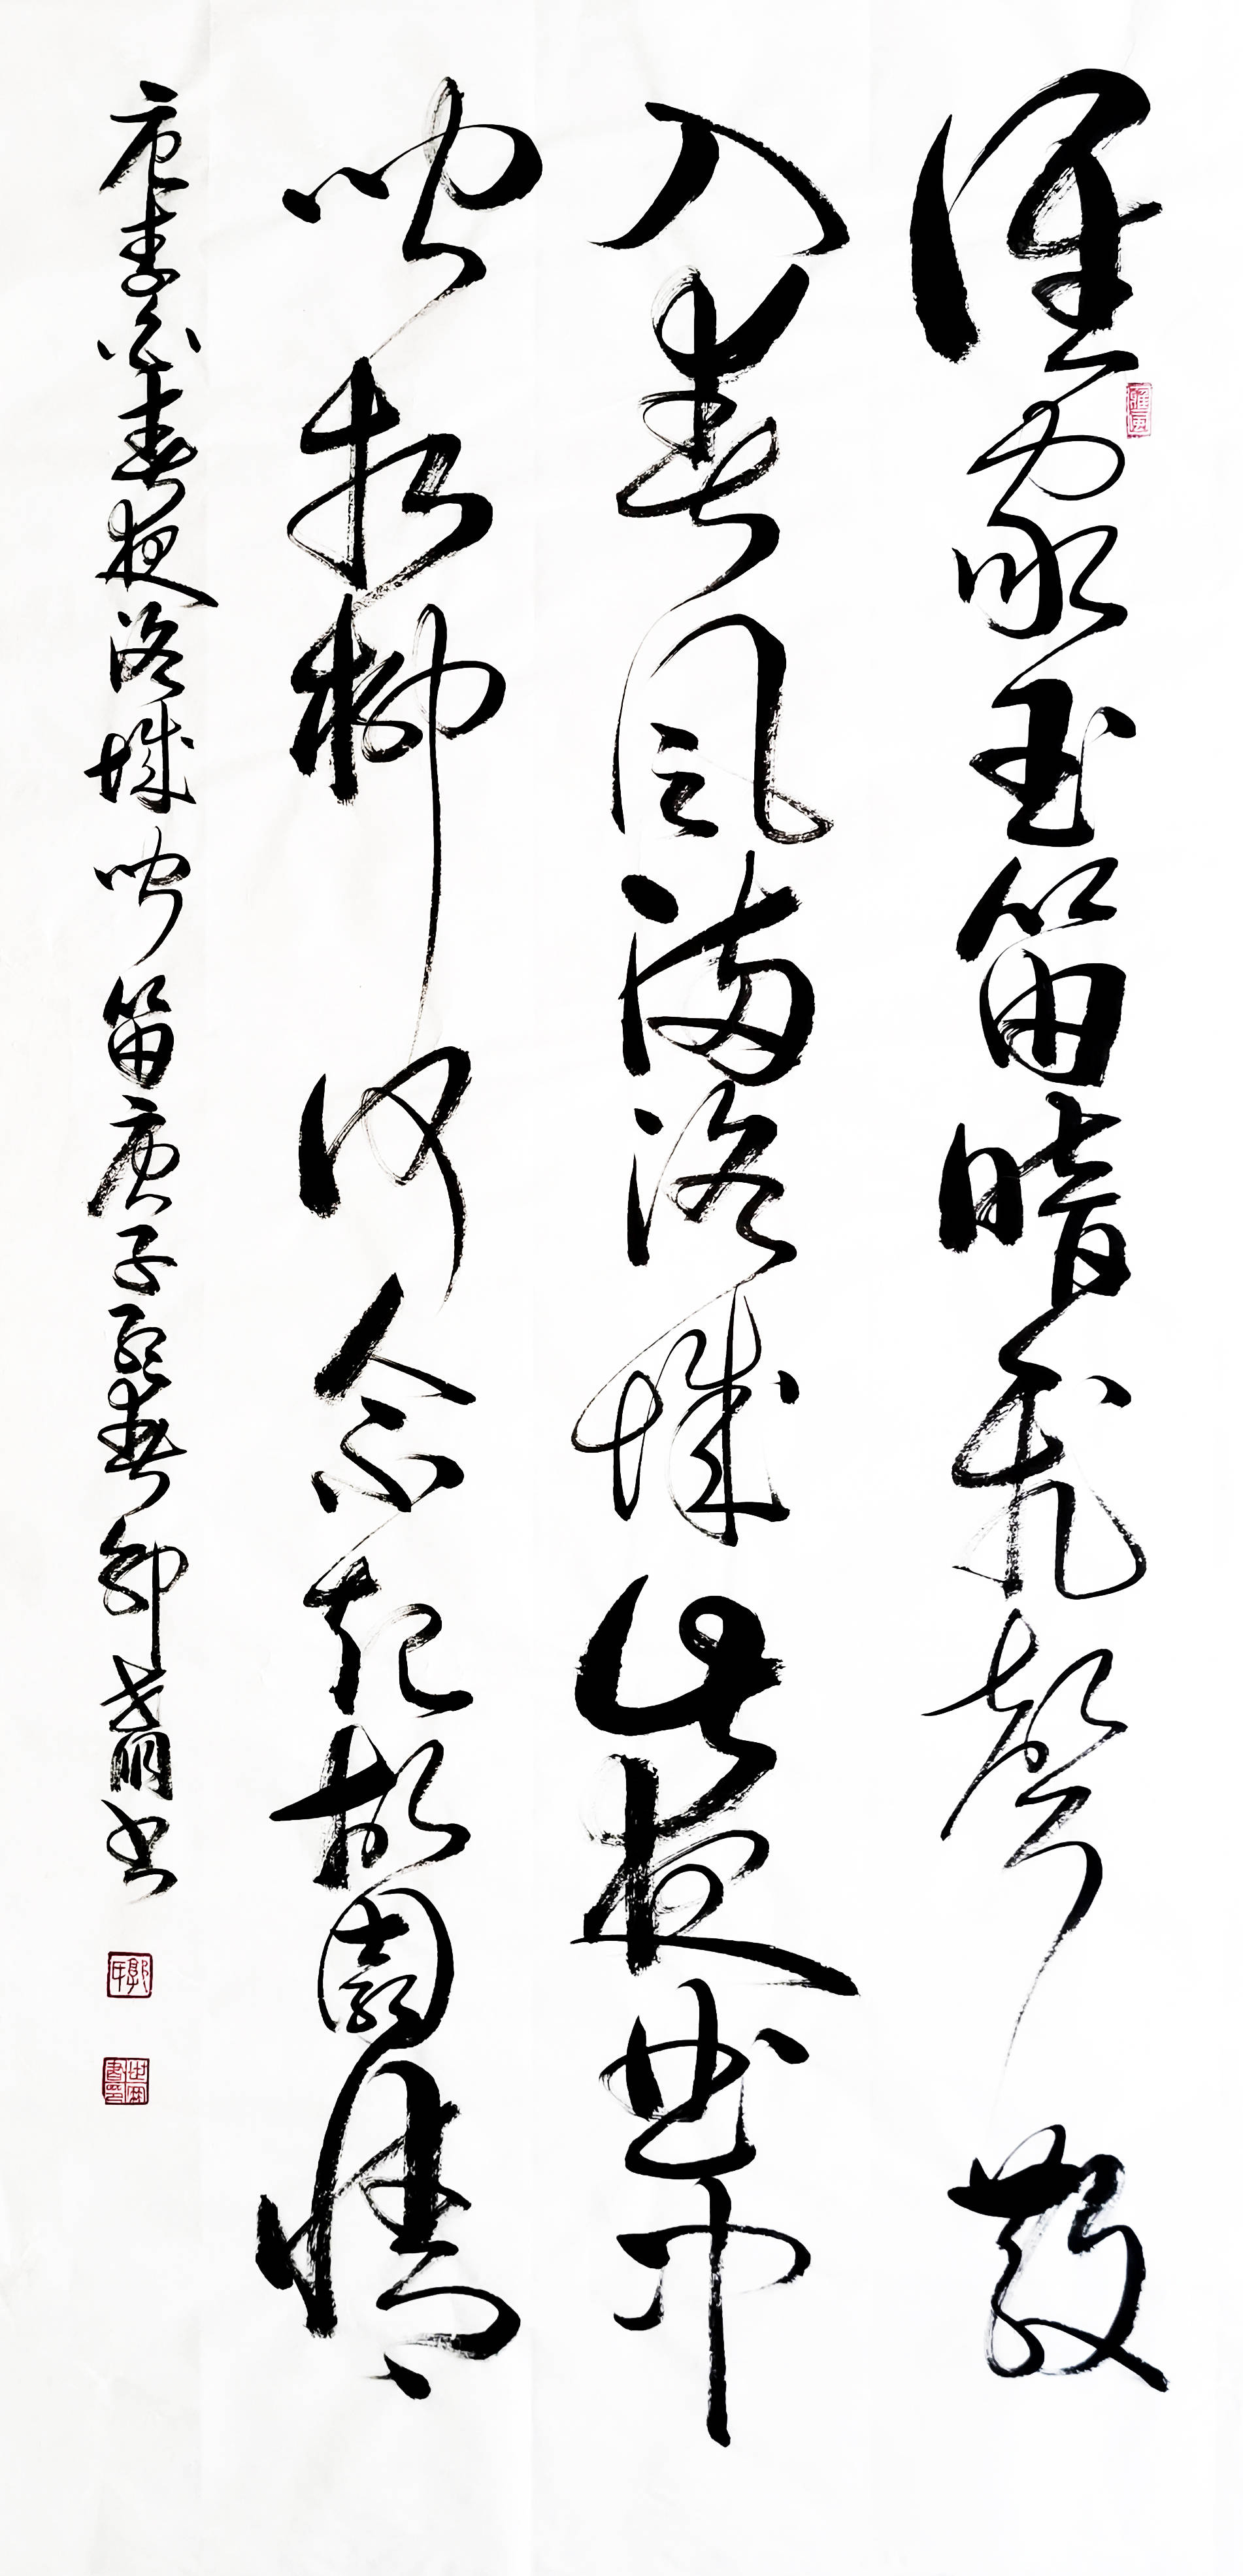 刘禹锡《秋词》 鉴赏_学识网